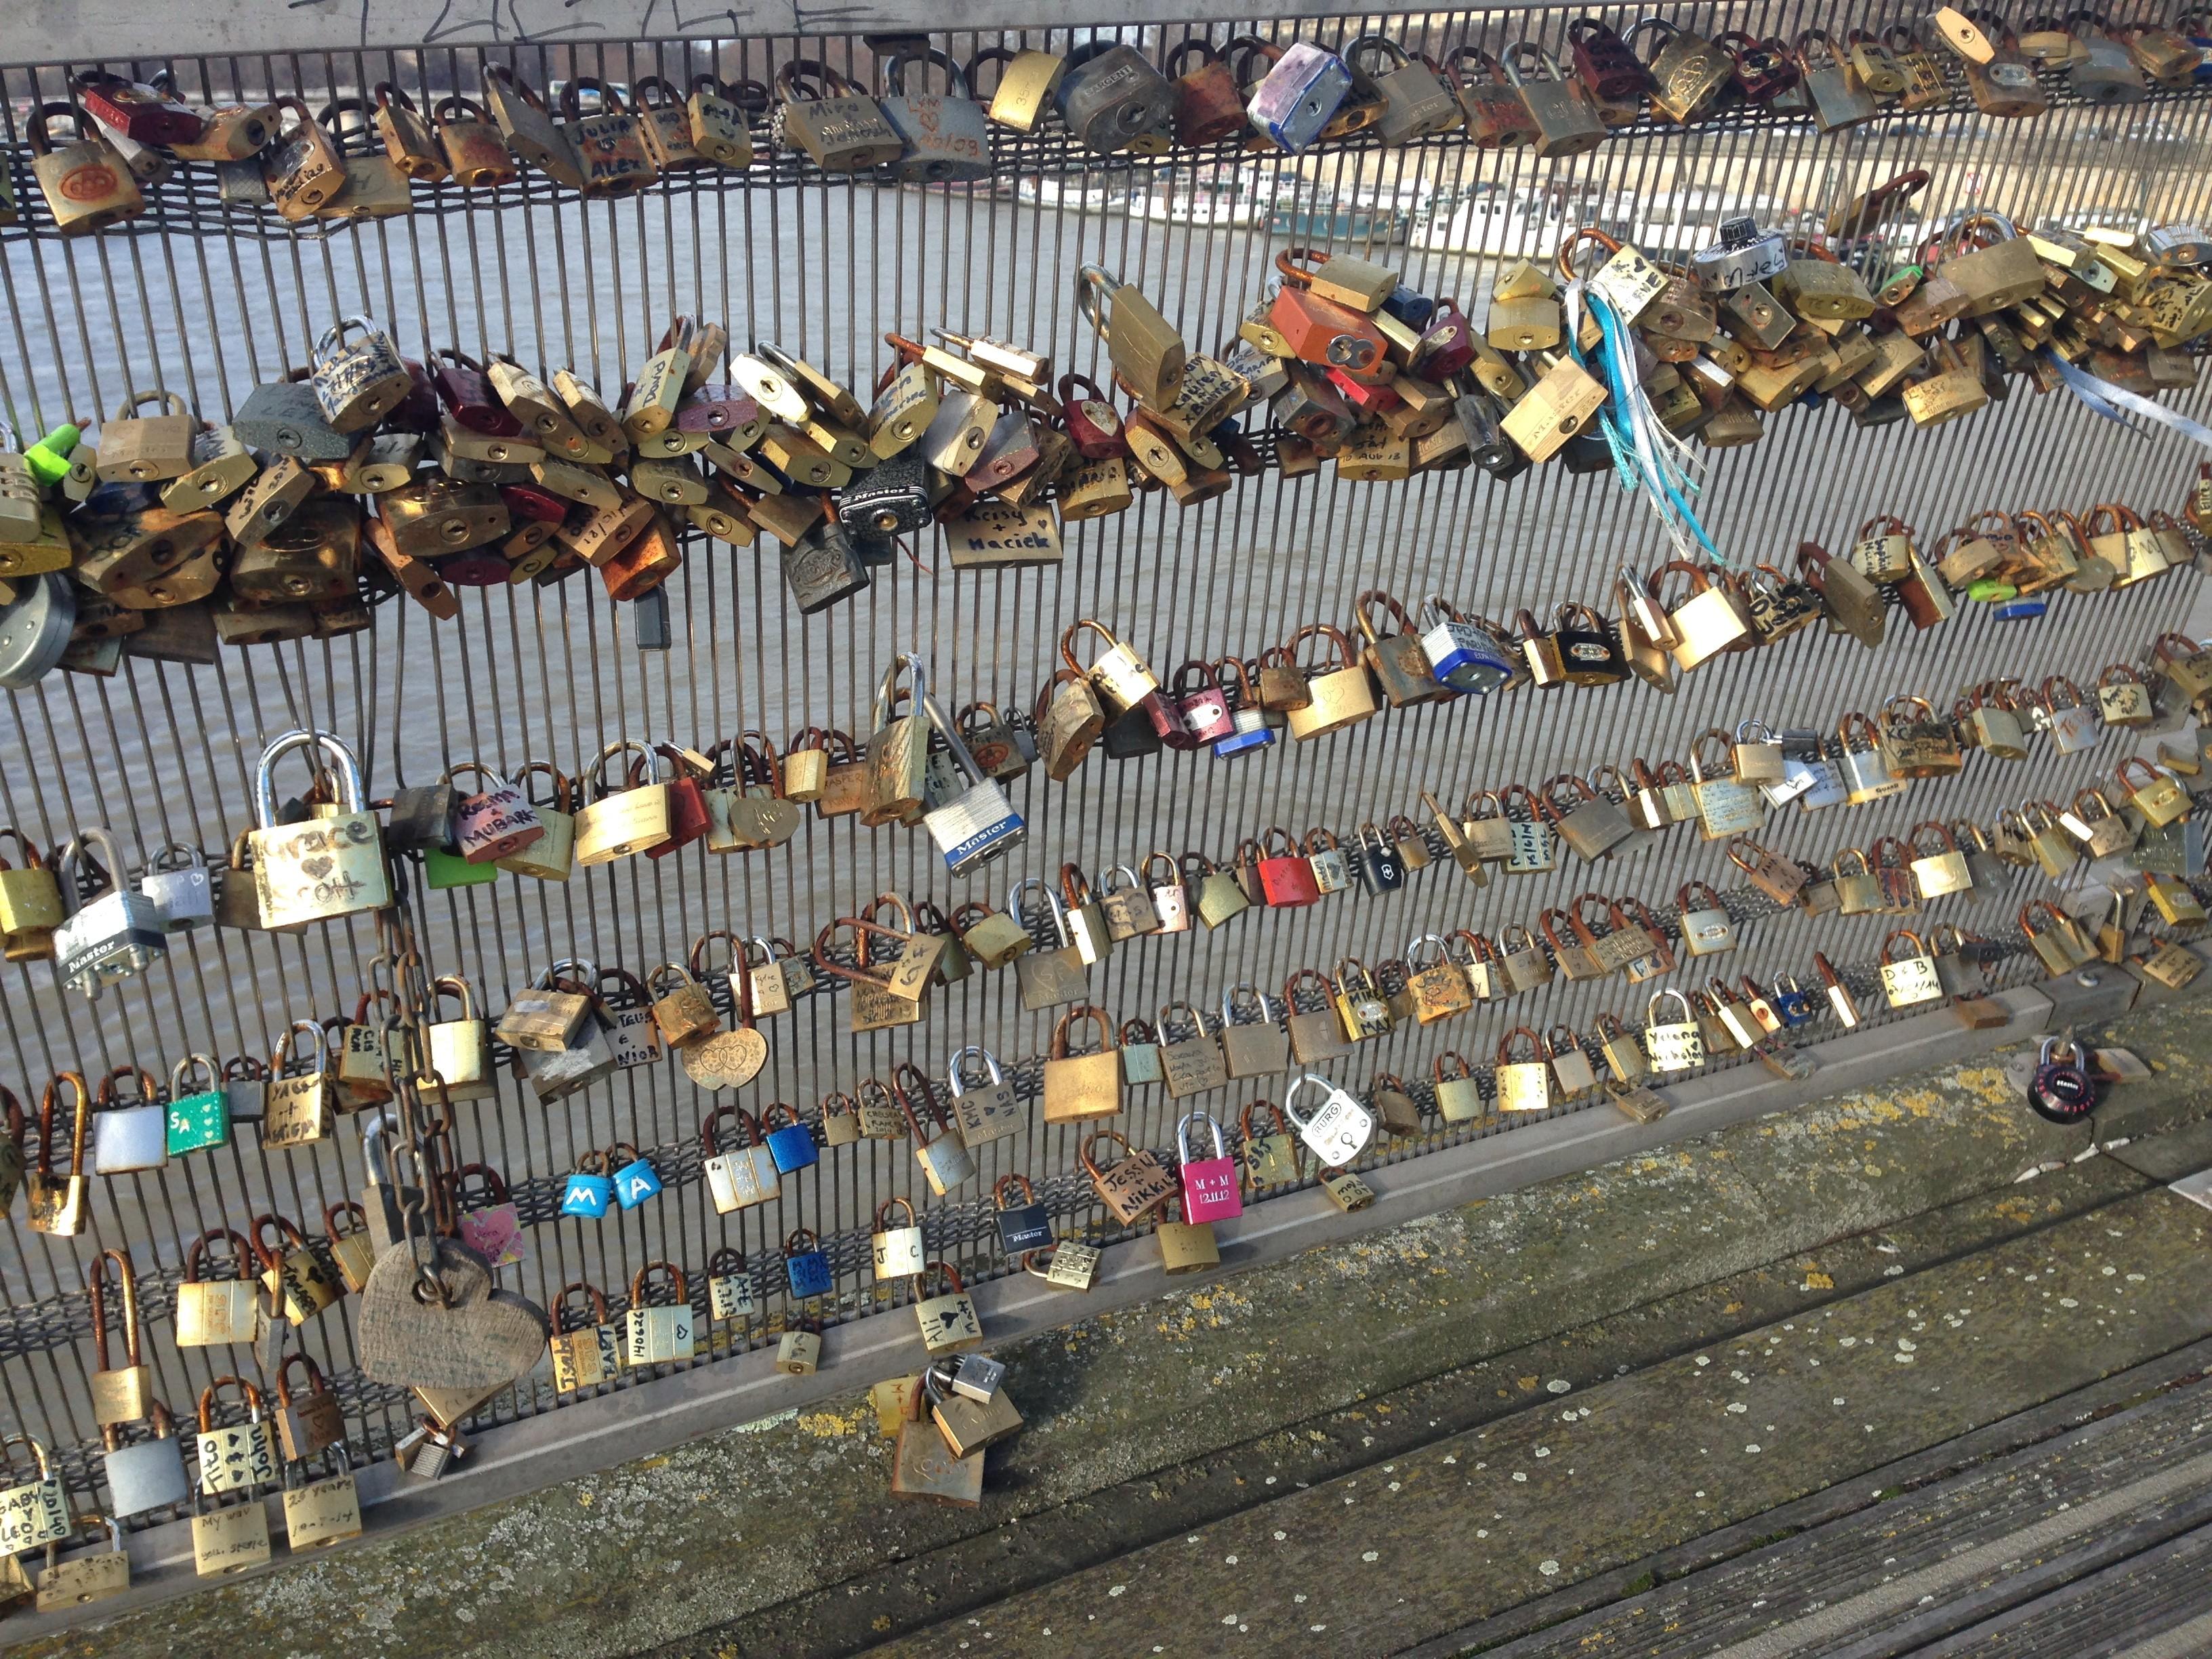 Eeuwige liefde vergrendeld aan een slotjesbrug